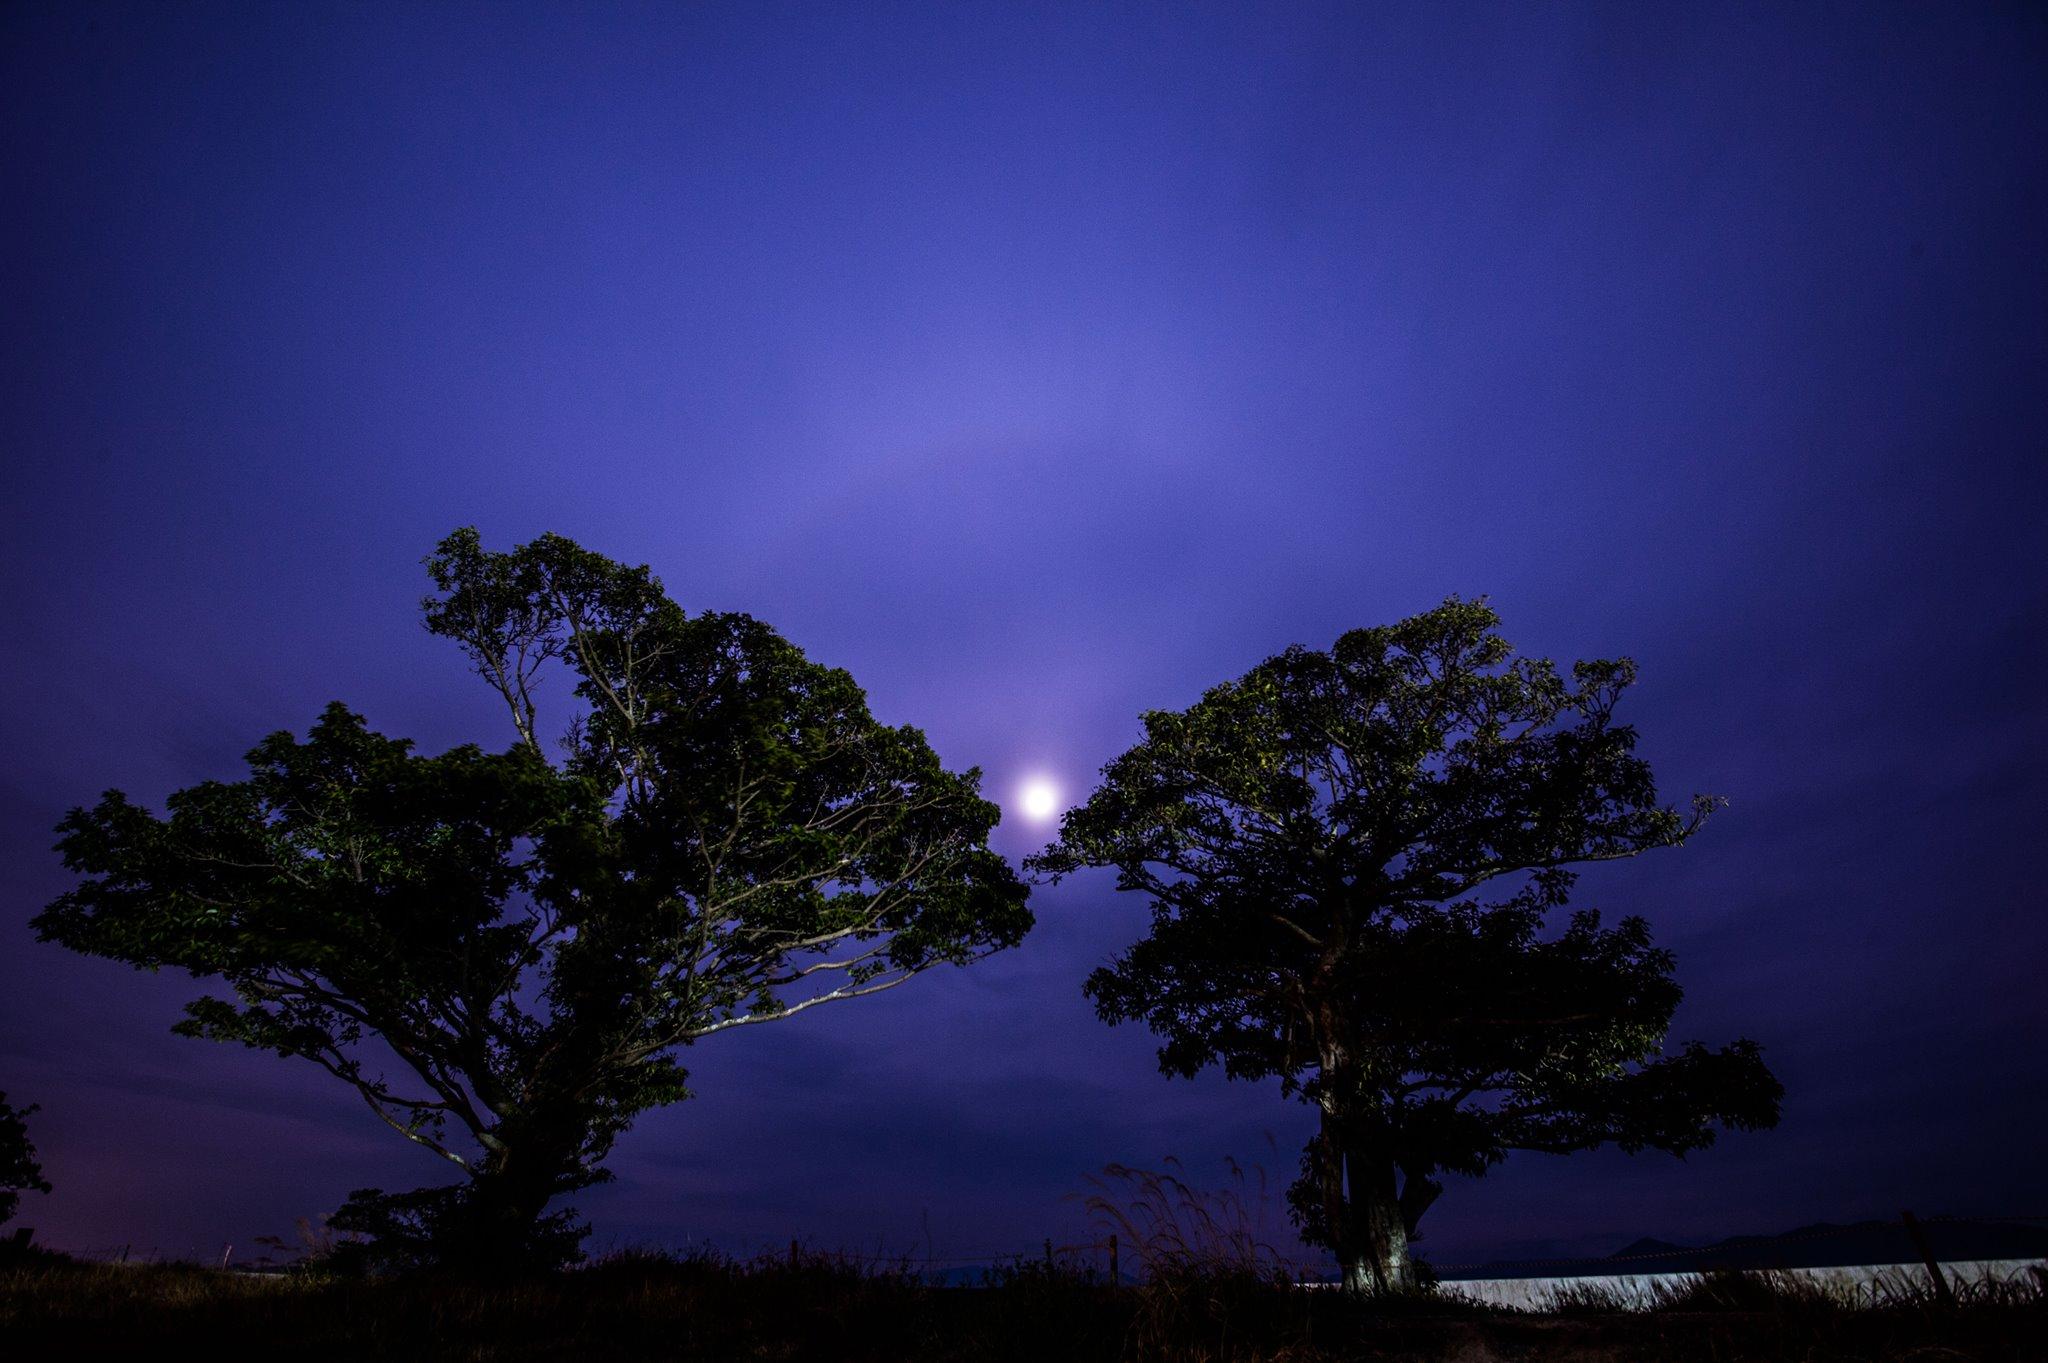 重久清隆,橋口洋和,コラボ,博多日本酒,碧き夜,満月